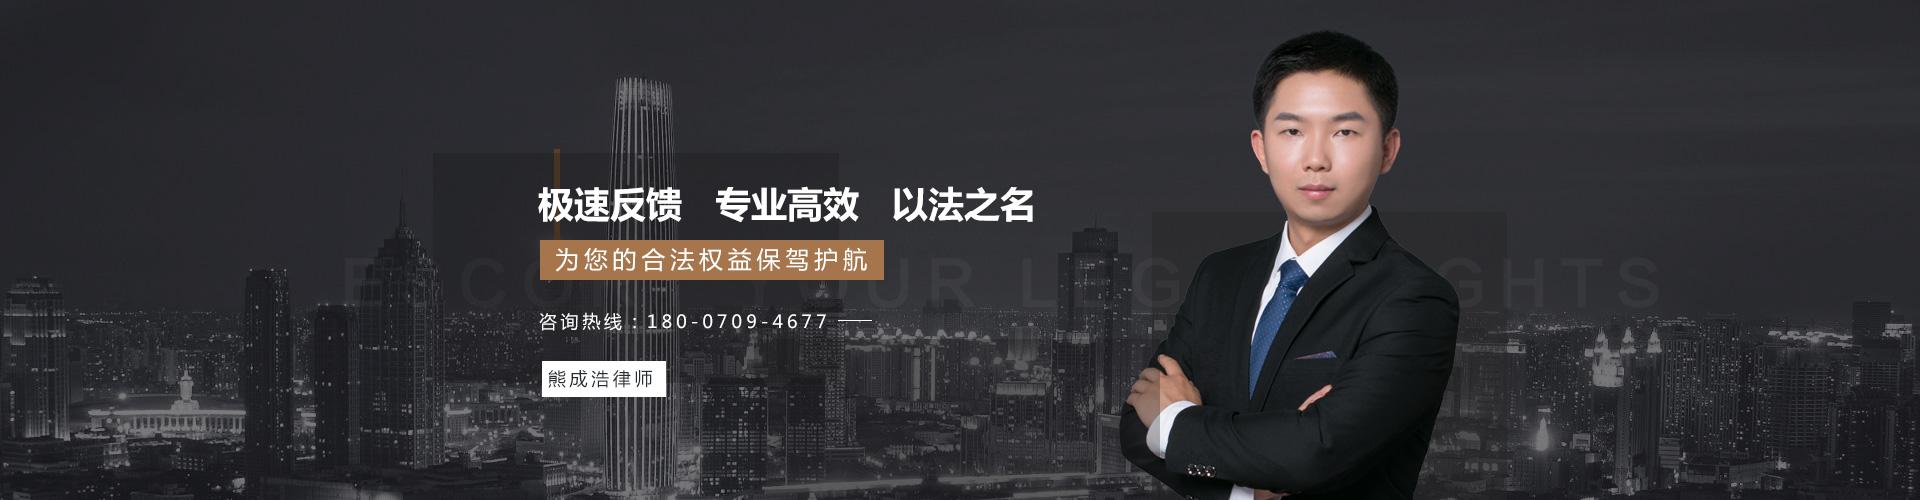 江西熊成浩律师